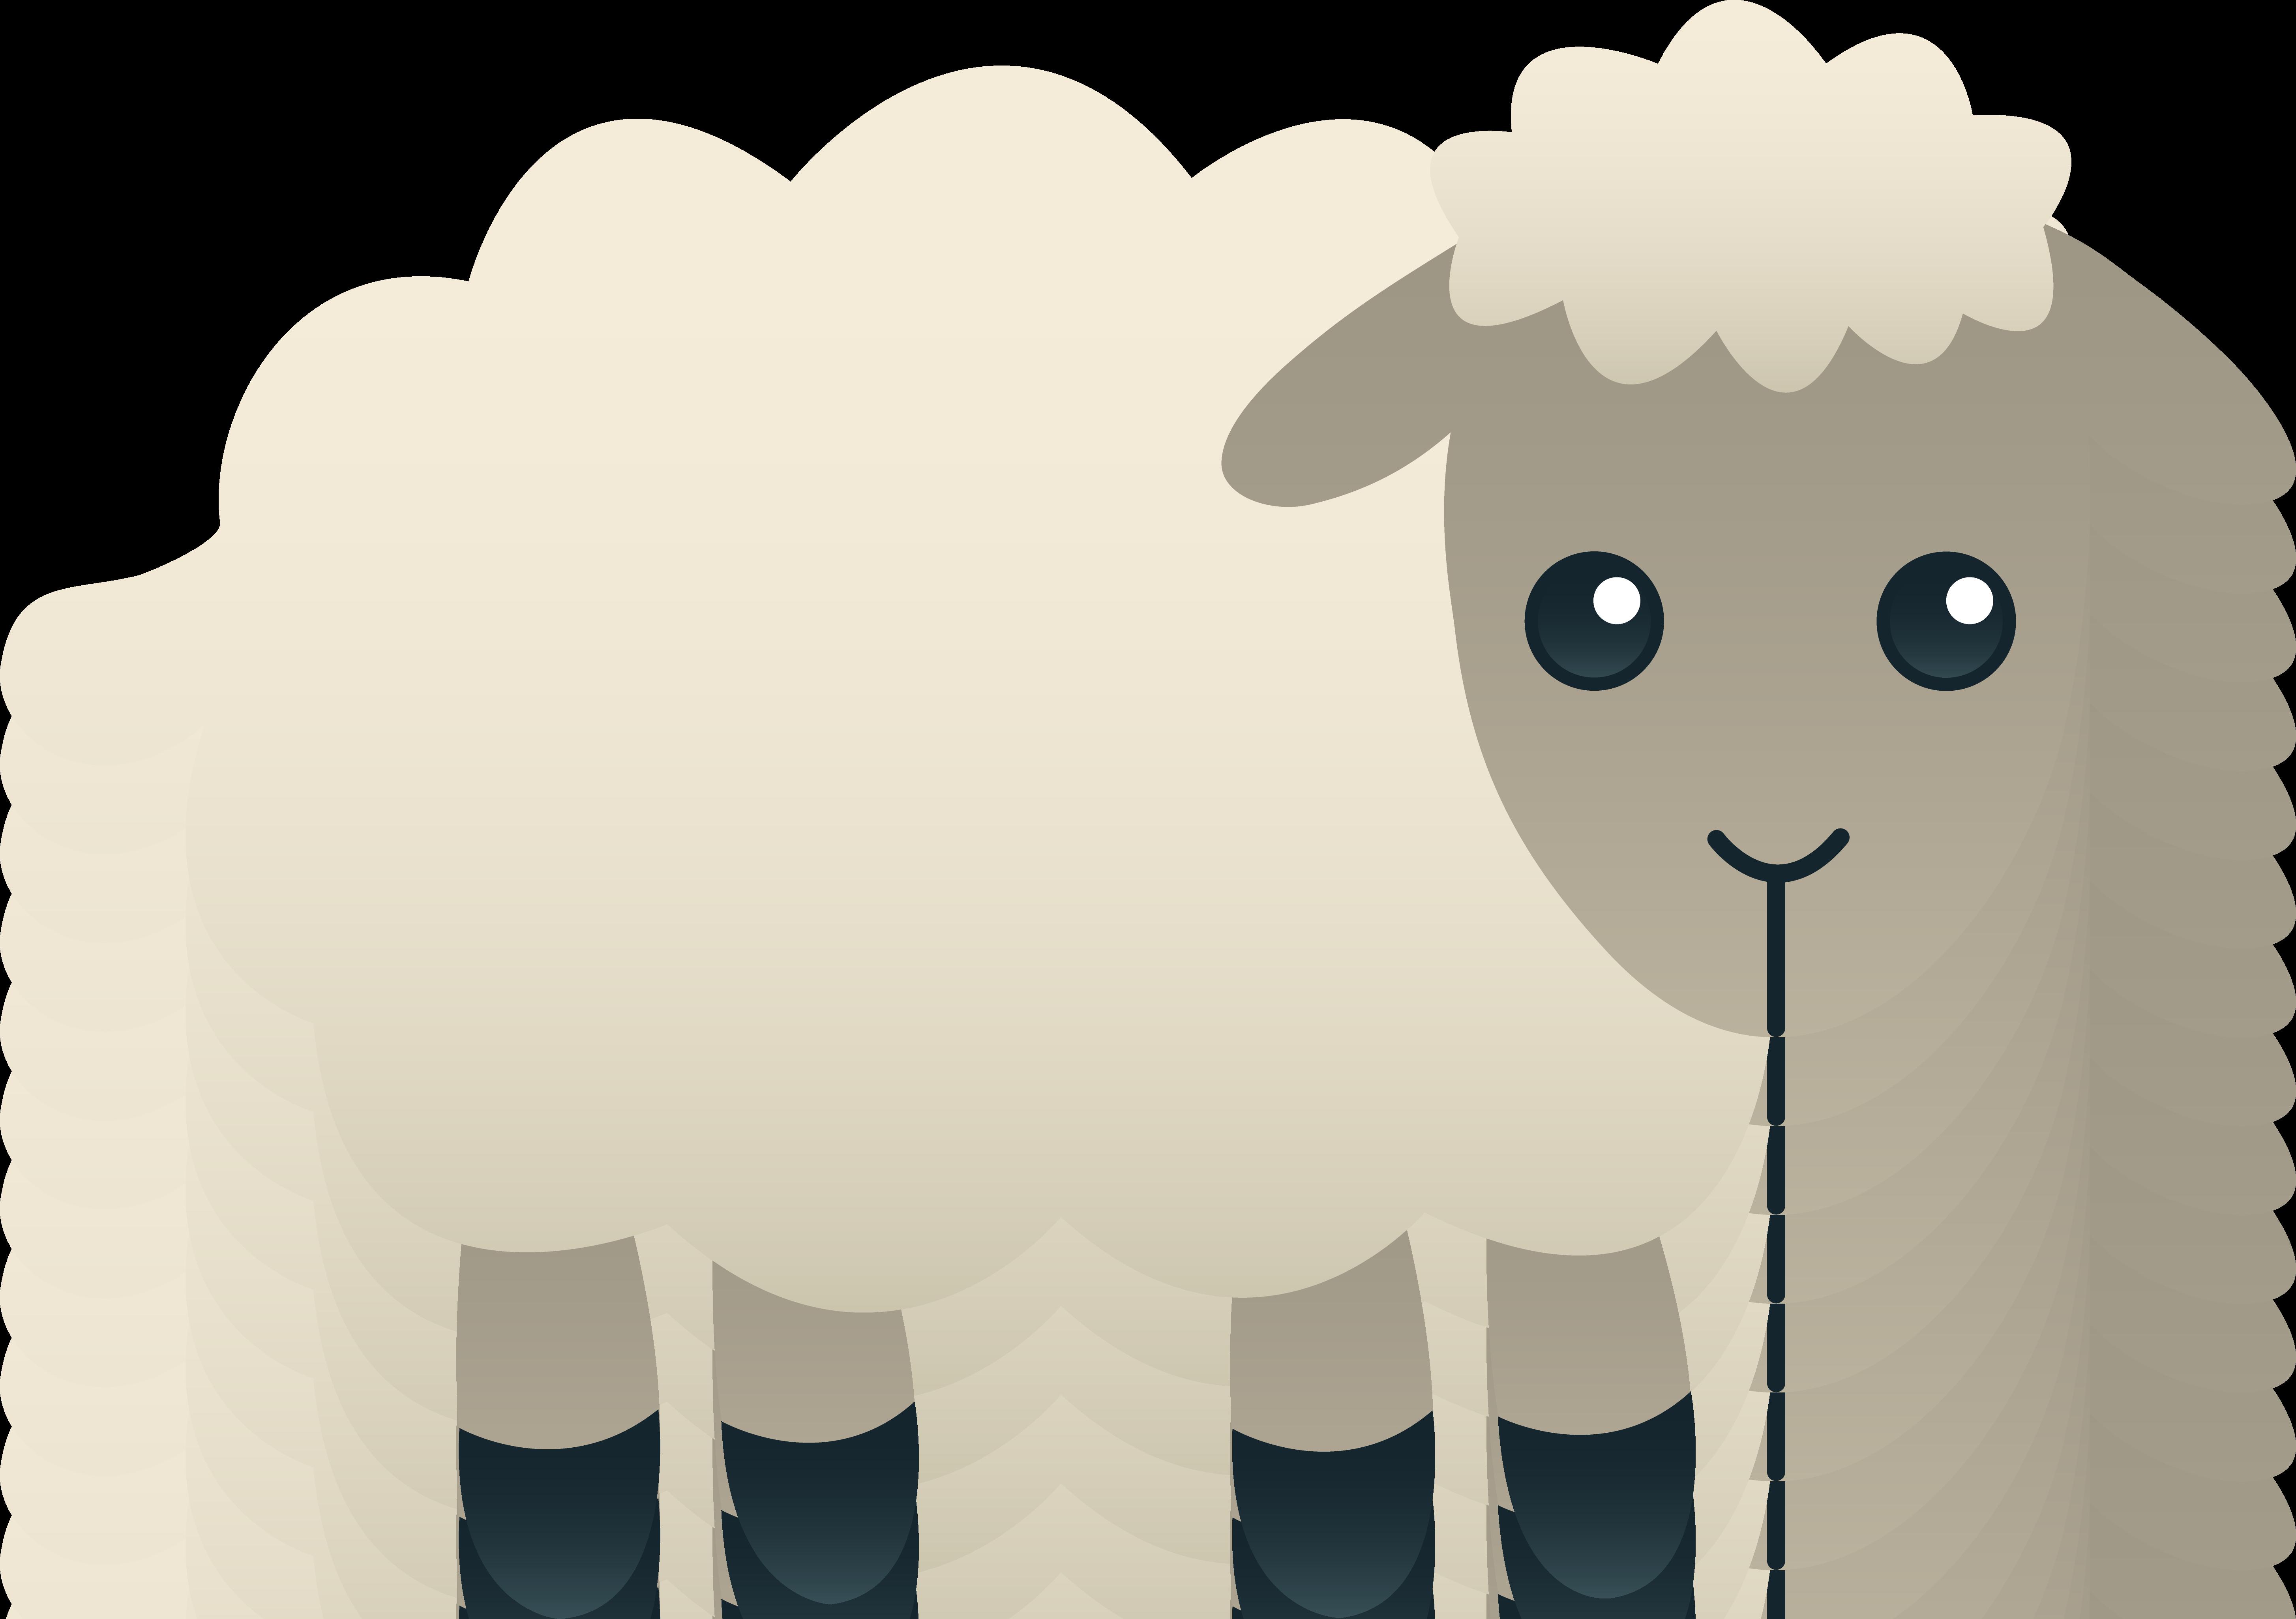 Lamb clipart cute sheep #5 - Cute Lamb PNG HD